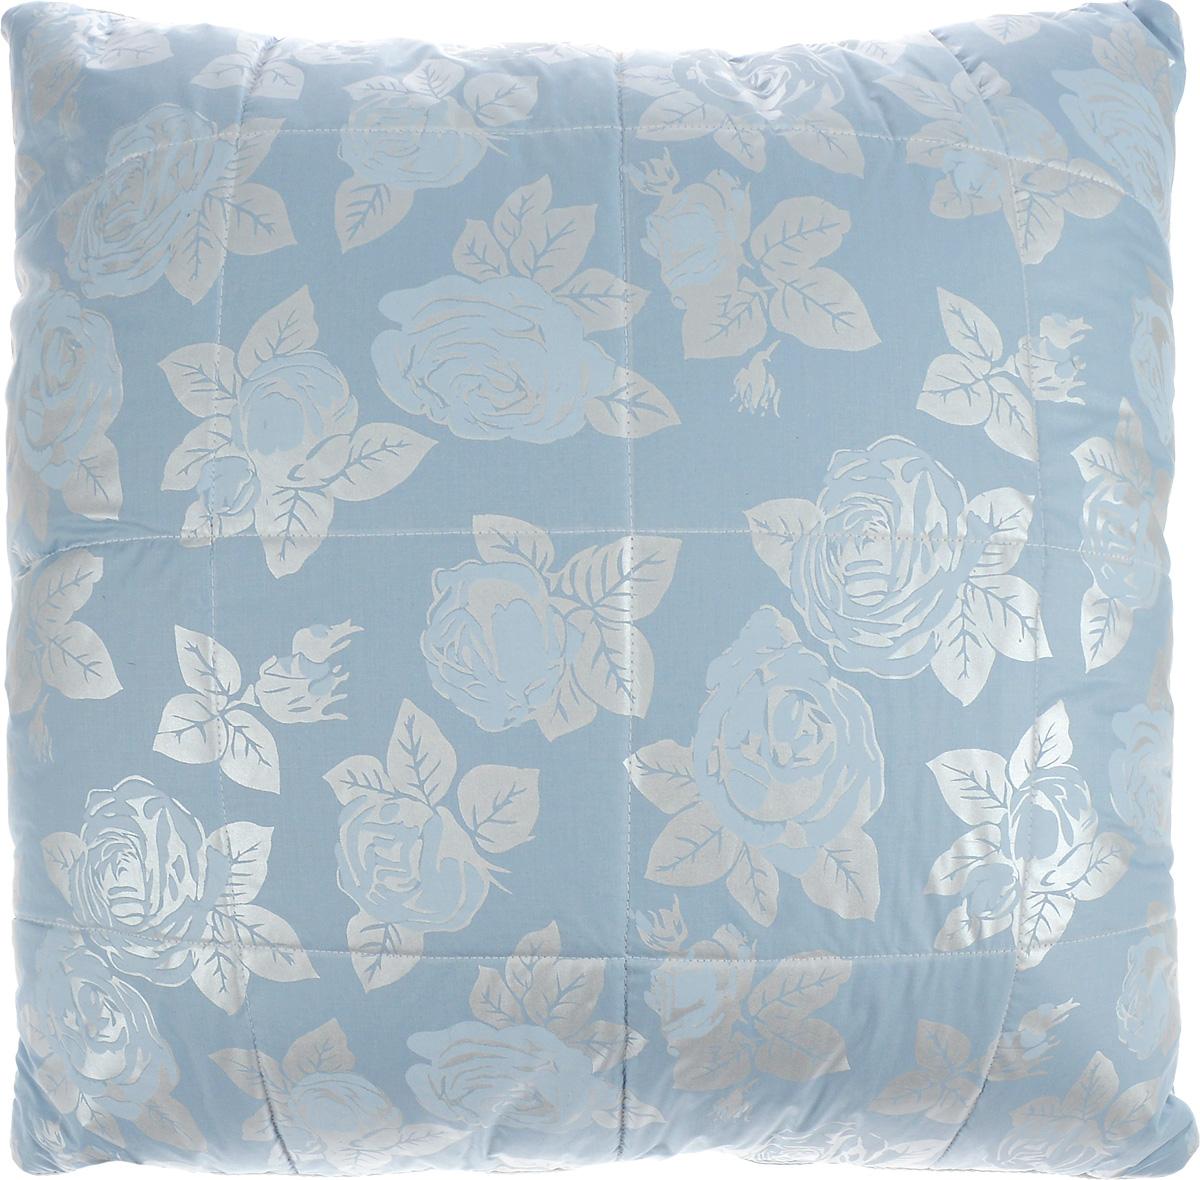 Подушка Smart Textile Combi, наполнитель: верблюжья шерсть + бамбуковое волокно, 70 х 70 смК572Подушка Smart Textile Combi - прекрасный вариант для вашего здорового сна. Изделие имеет двойной наполнитель - верблюжья шерсть и бамбуковое волокно. Чехол выполнен из простеганной хлопчатобумажной ткани с верблюжьей шерстью. Верблюжья шерсть славится своим прекрасным согревающим эффектом, так как способна долгое время сохранять тепло. Она помогает снять стресс и улучшить сон. Помимо этого, такая шерсть отличается терморегулирующим свойством и гигроскопичностью, то есть отлично пропускает воздух благодаря структуре своих волосков. Основной наполнитель подушки - бамбуковое волокно, которое отличается прекрасной вентилирующей способностью и антибактериальными свойствами. Благодаря такому сочетанию верблюжьей шерсти и бамбукового волокна подушка Smart Textile Combi получается очень мягкой, теплой, что делает ее идеальной для сна и отдыха.